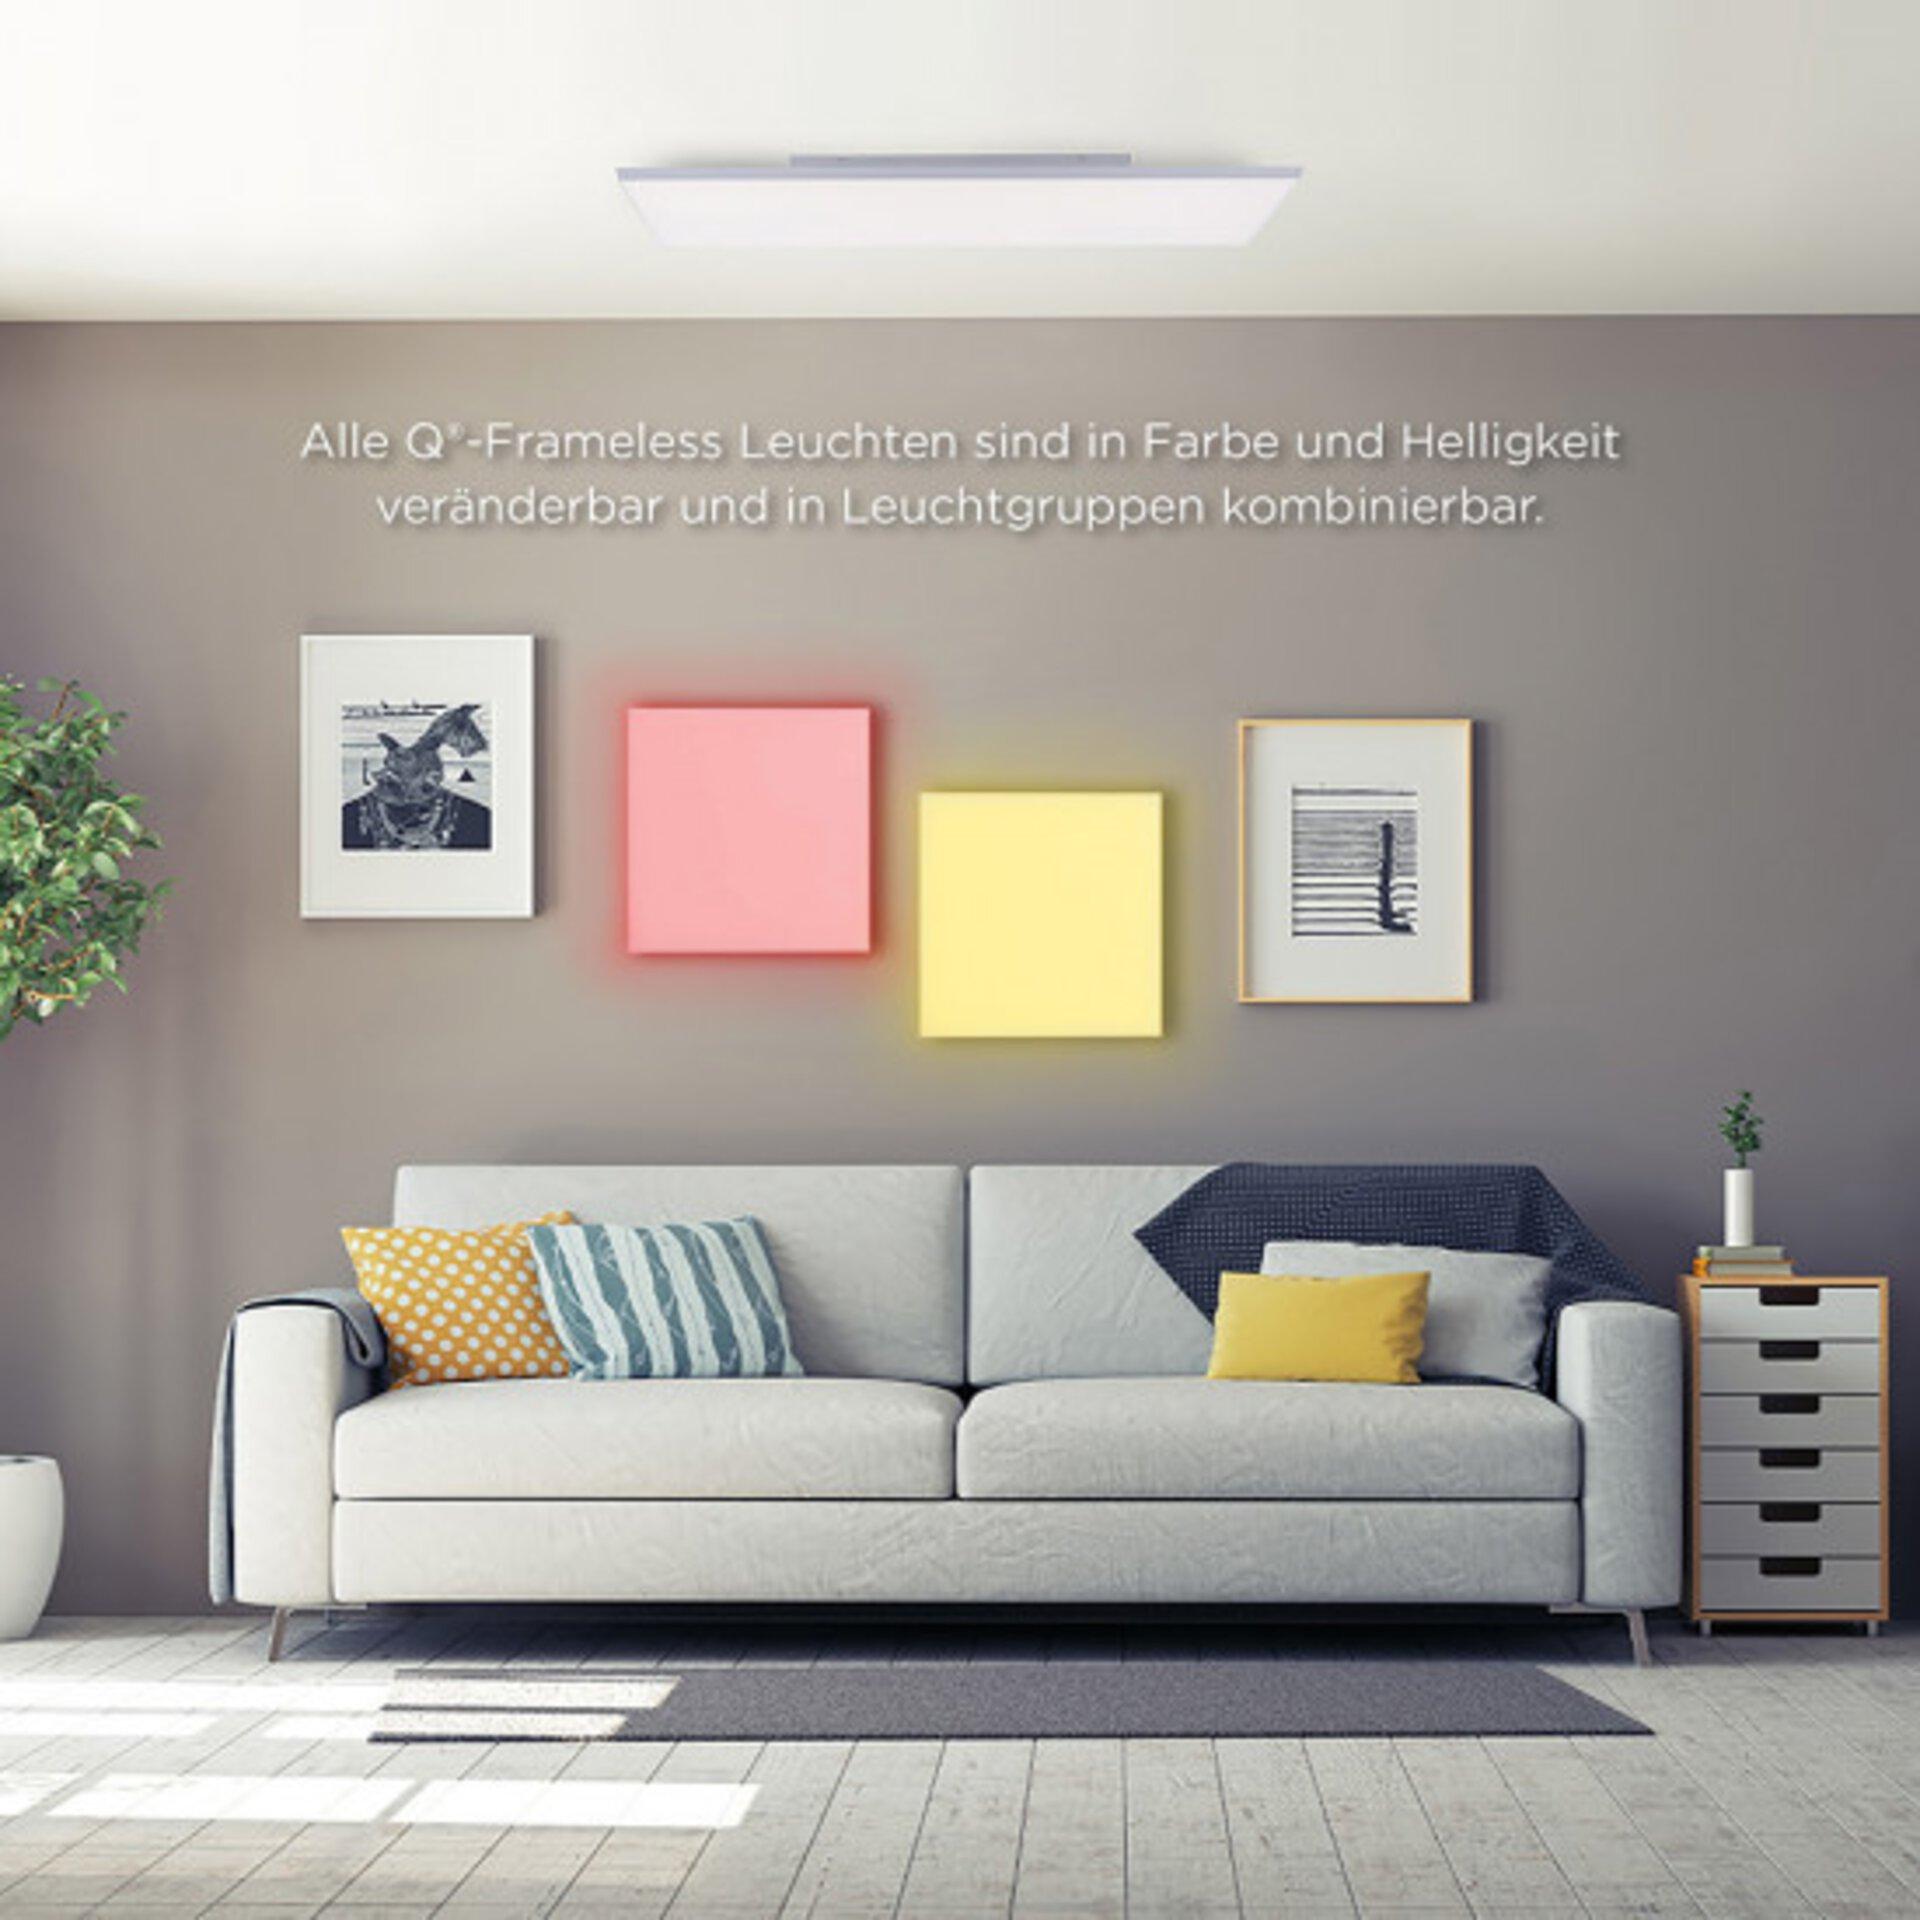 Smart-Home-Leuchten Q-FRAMELESS Paul Neuhaus Metall 45 x 7 x 45 cm